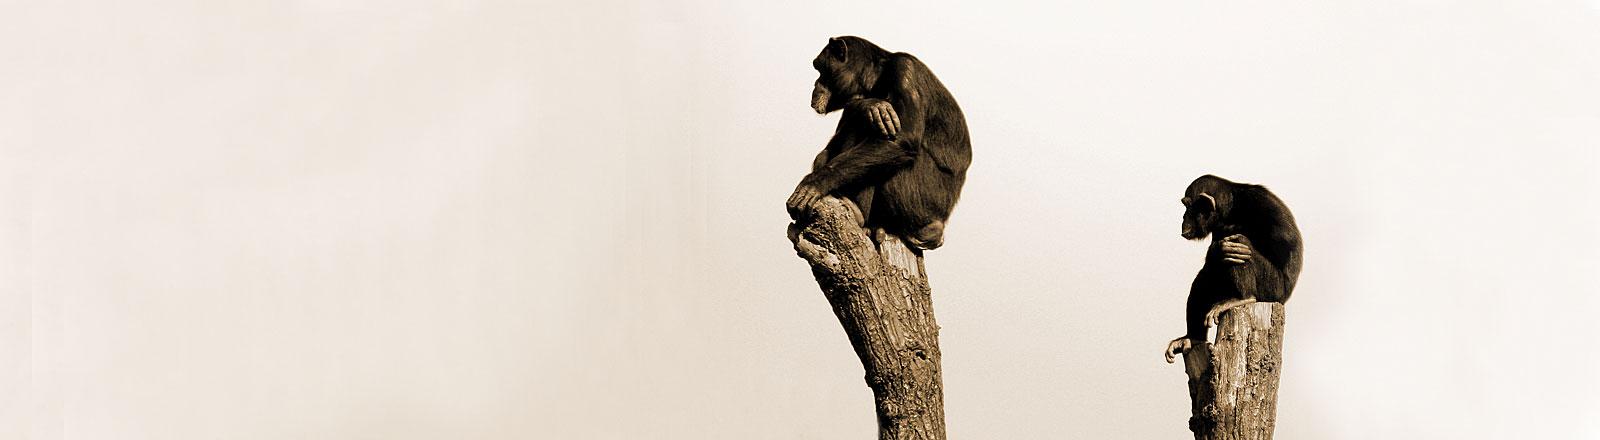 Zwei Affen sitzen auf zwei Bäumen